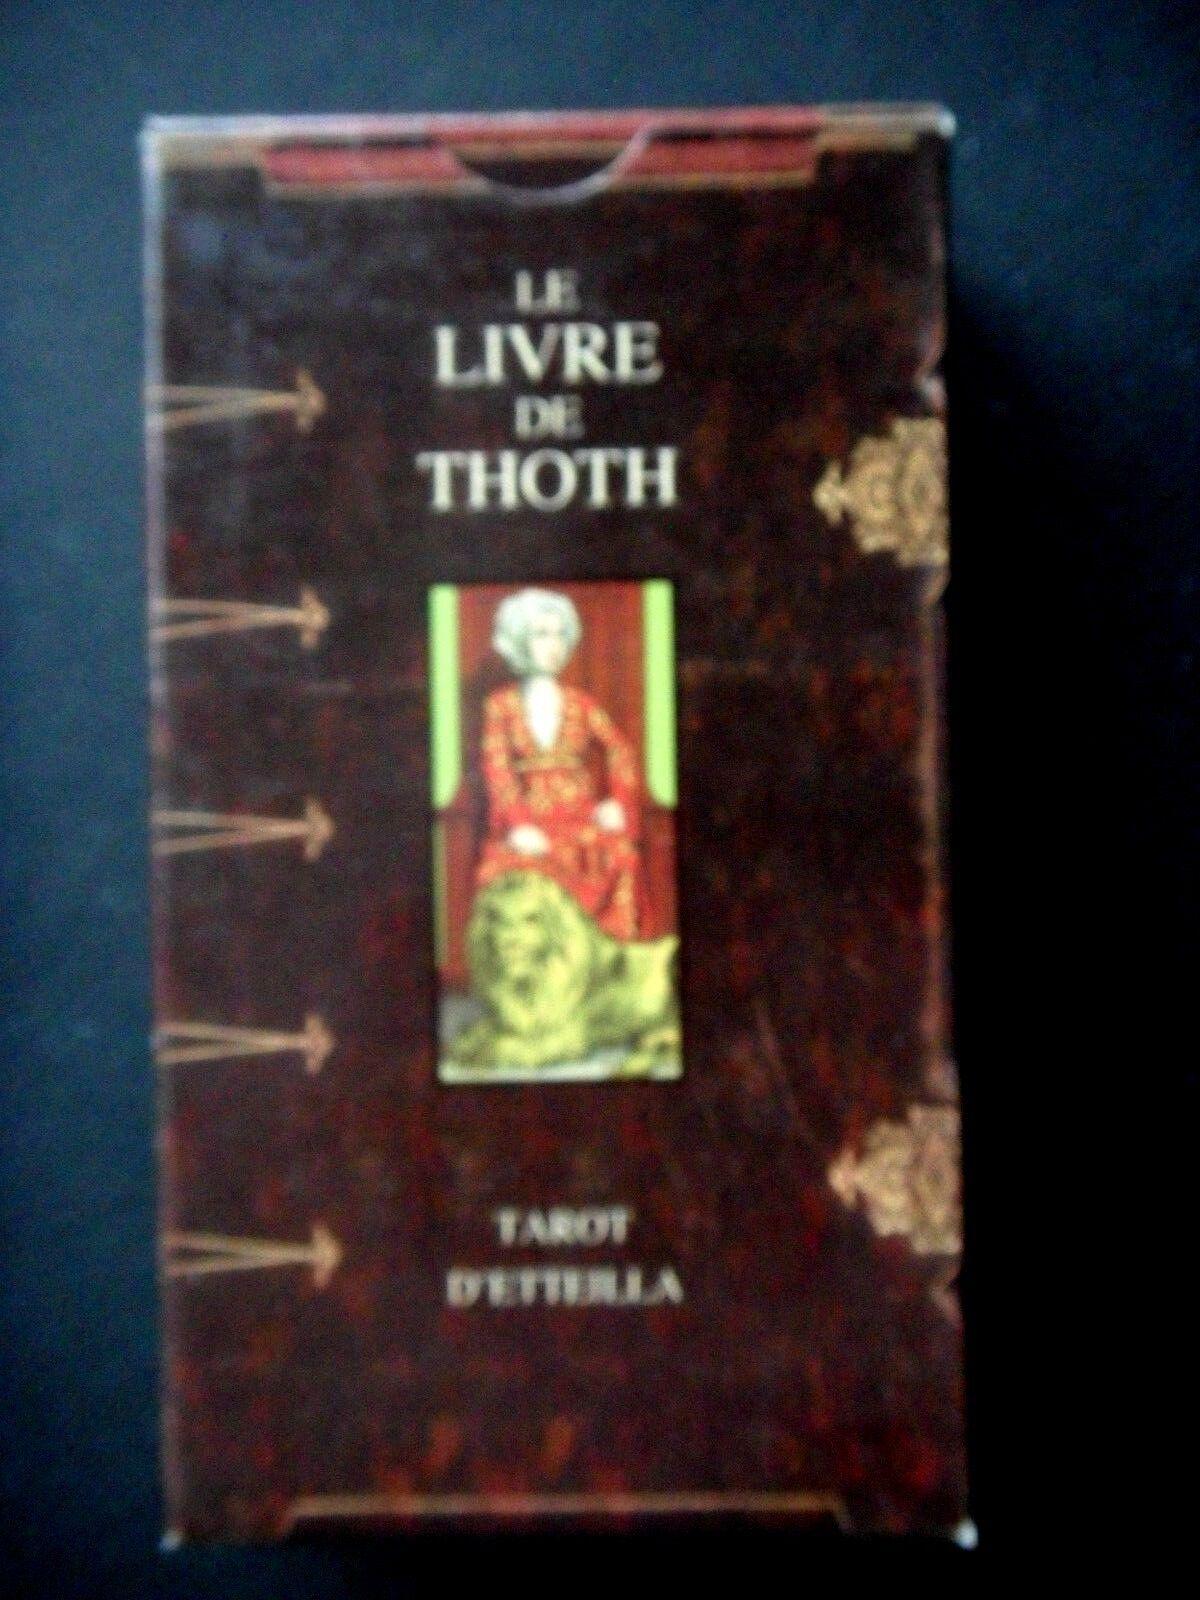 LE LE LE LIVRE DE THOTH TArouge D'ETTEILLA    - EDITIONS LO SCARABEO - 78 CARTES  LIVRET d65a8b